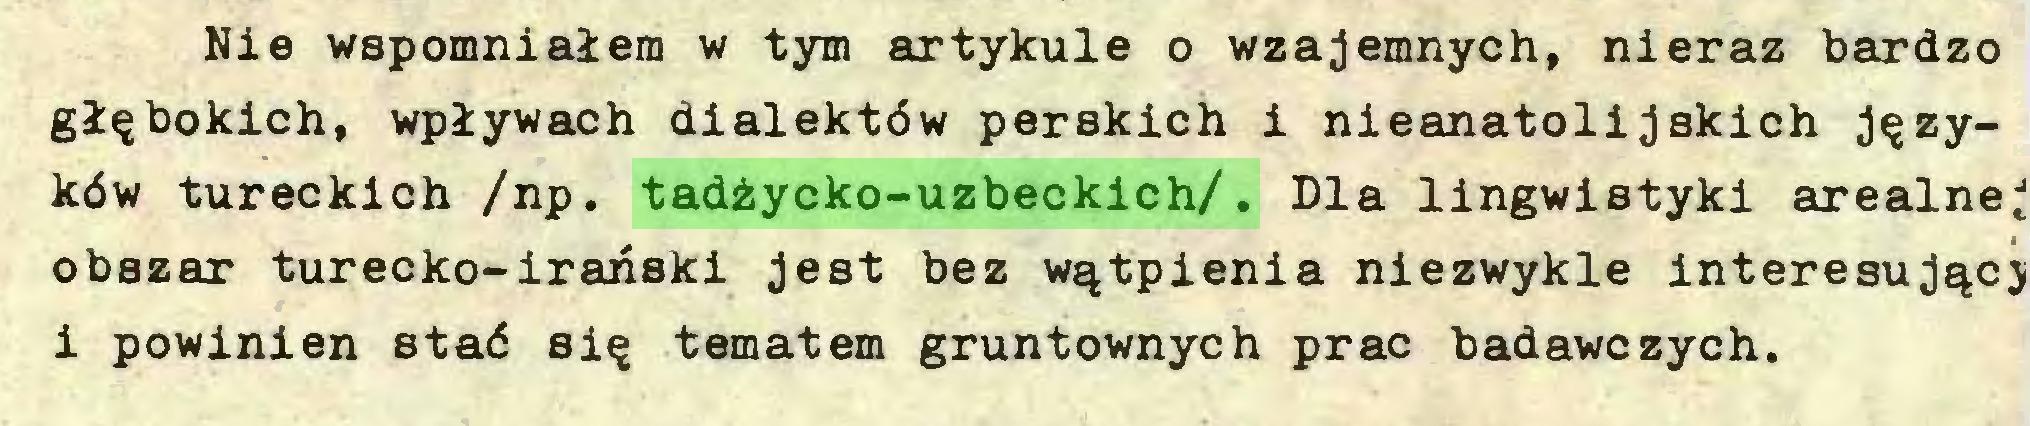 (...) Nie wspomniałem w tym artykule o wzajemnych, nieraz bardzo głębokich, wpływach dialektów perskich i nieanatolijskich języków tureckich /np. tadżycko-uzbeckich/. Dla lingwistyki arealne; obszar turecko-irański jest bez wątpienia niezwykle interesujący i powinien stać się tematem gruntownych prac badawczych...